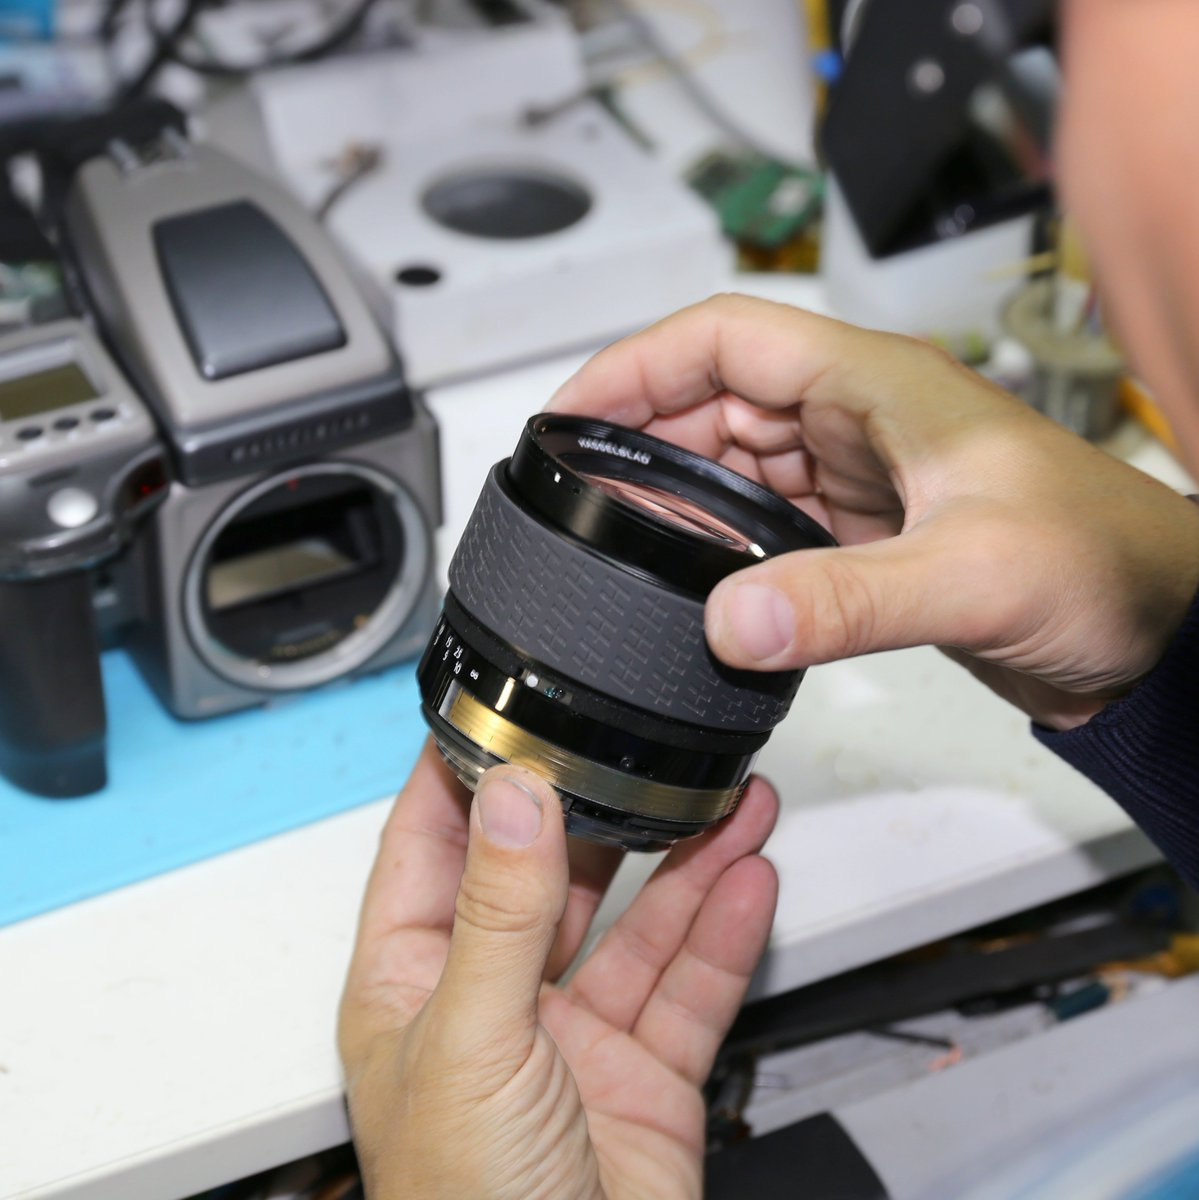 нужно у какого фотоаппарата лучше работает автофокус таком